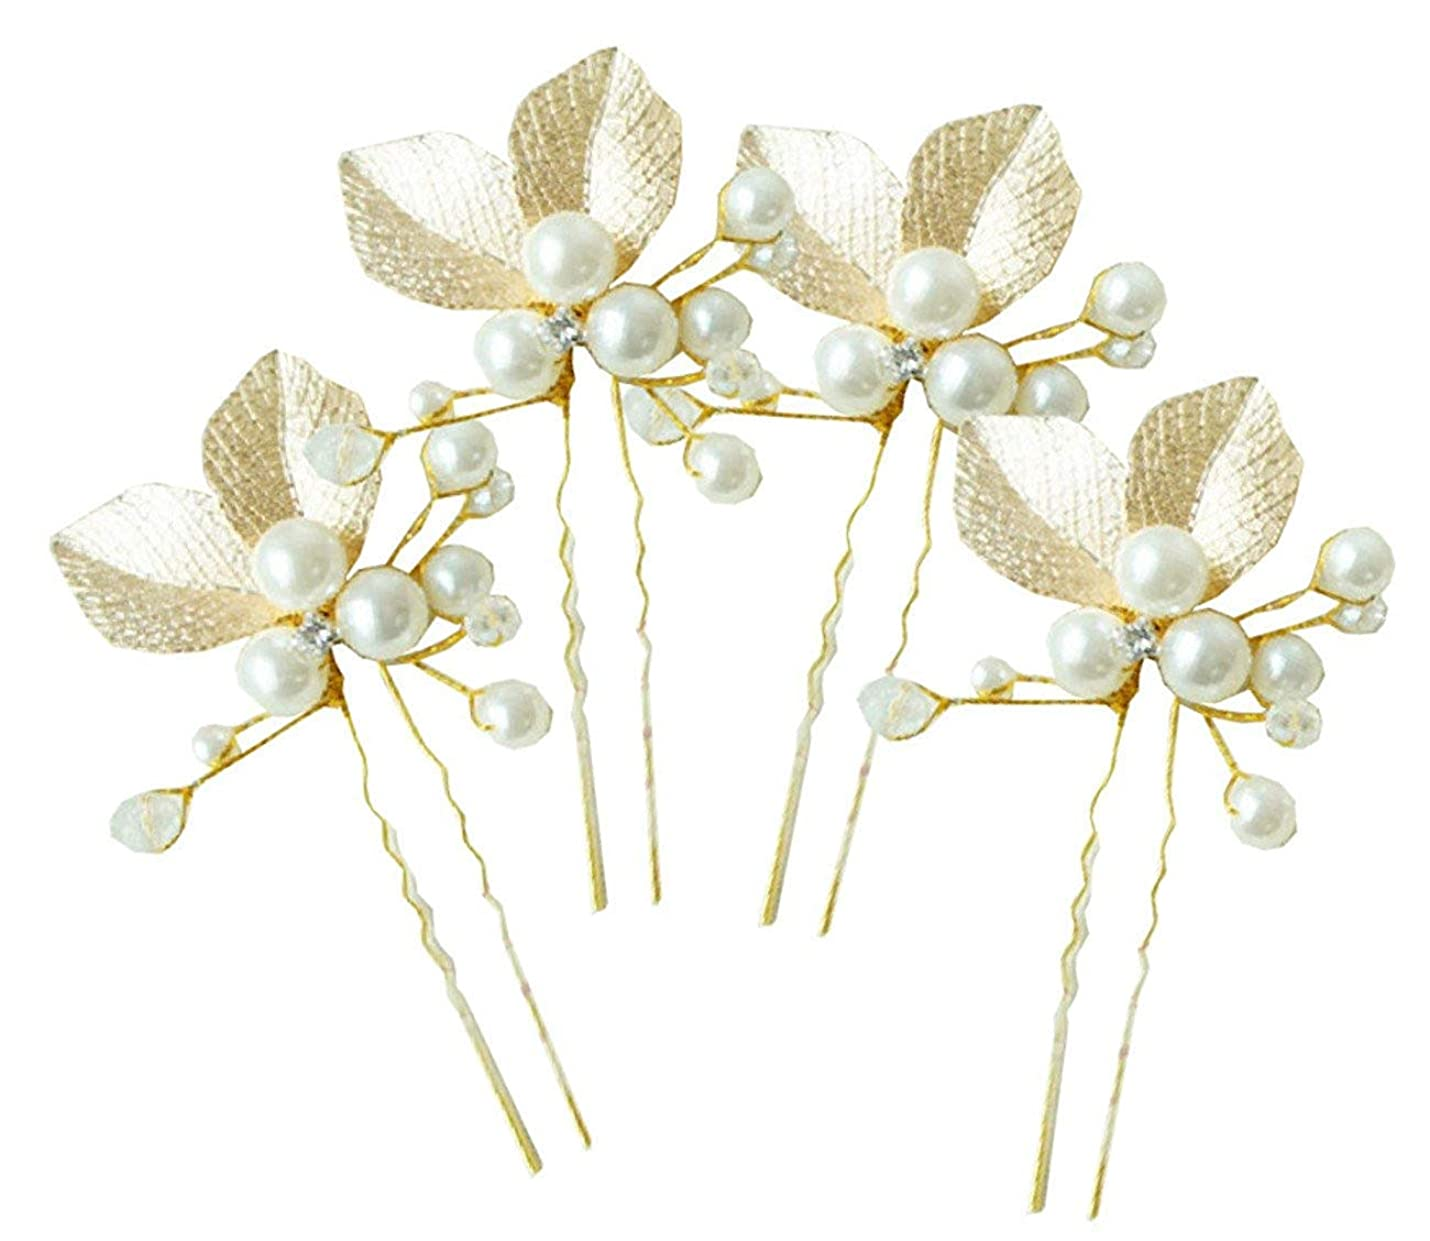 オーク変化する依存するSnner ゴールド 葉っぱ モチーフ かわいい 髪 飾り ヘア アクセ パール Uピン ヘア 結婚 パーティ ドレス 着物 (4個 セット)